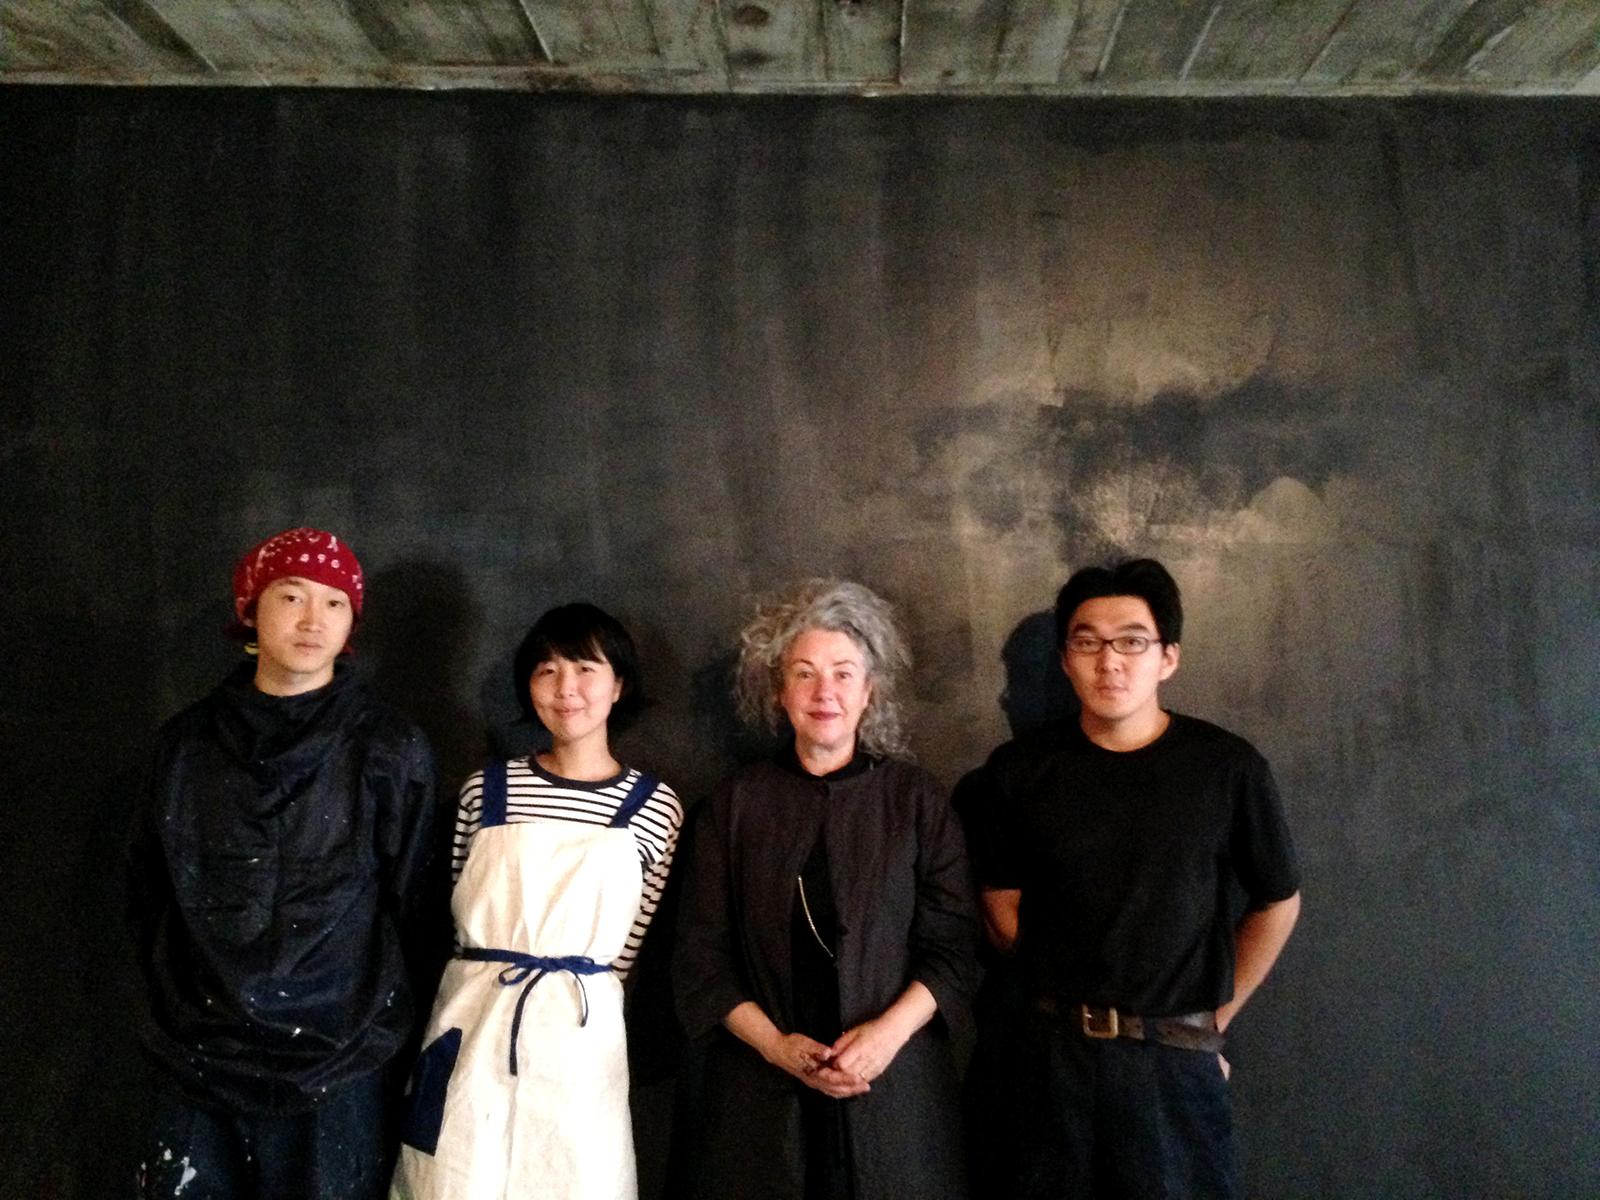 立ち上げには多くの協力者が。建築家の佐藤研吾さん(左)、お直しアーティストのはしもとさゆりさん(中左)、大工の青島雄大さん(右)。オーストラリアのヴィジュアル・アーティスト、ヘザー・スワンさん(中右)が見学に来て、公演も決定した。